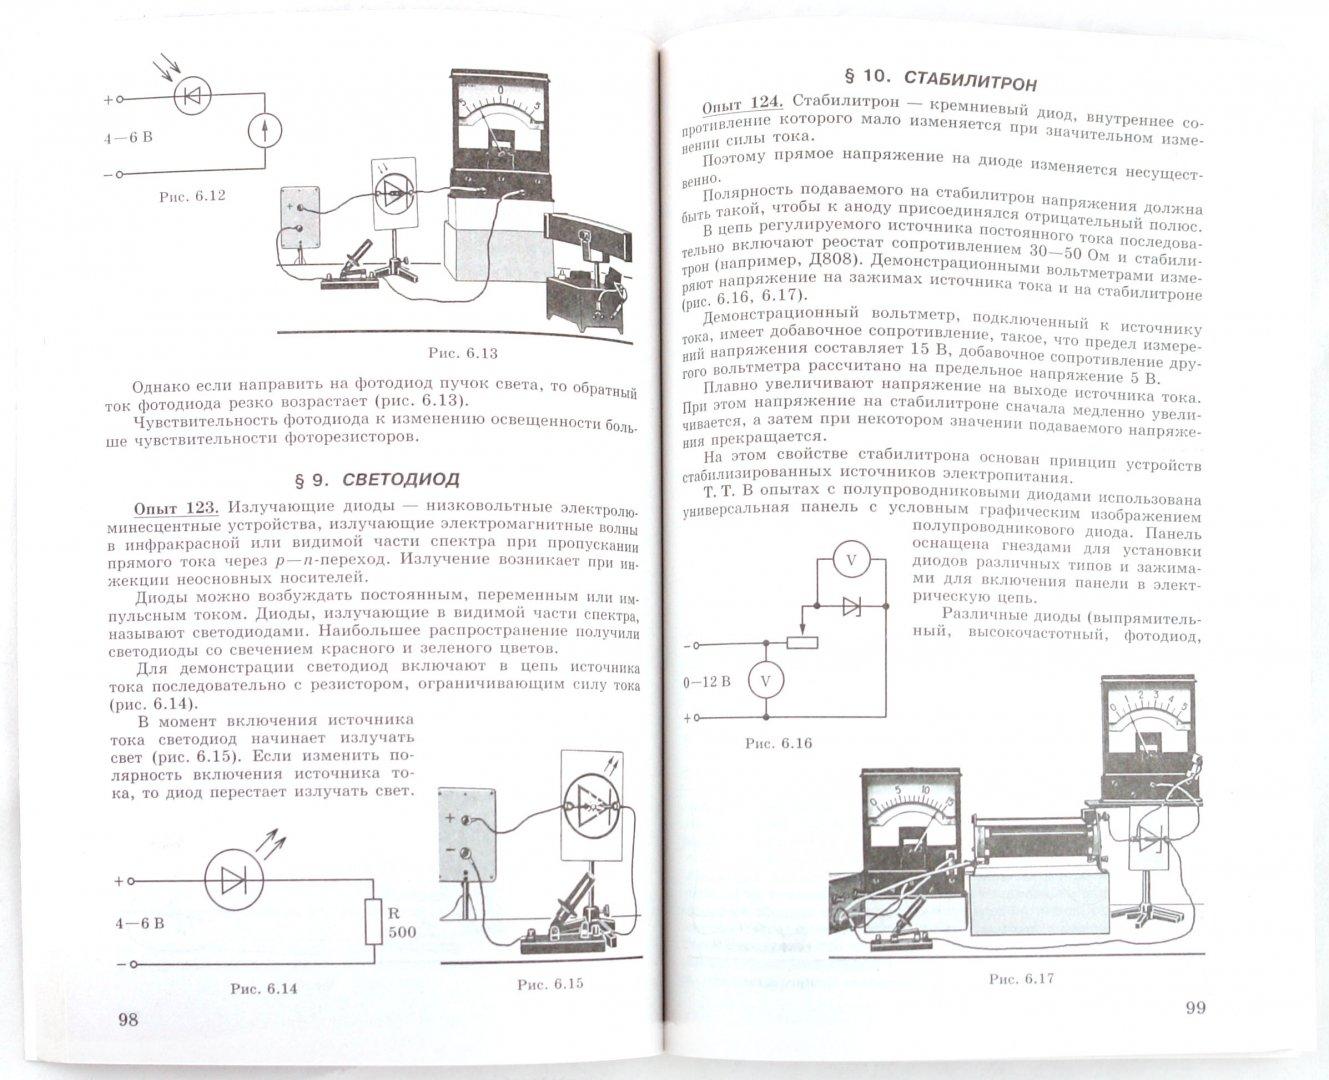 Иллюстрация 1 из 2 для Демонстрационный эксперимент по физике: Электродинамика: книга для учителя - Станислав Хорошавин | Лабиринт - книги. Источник: Лабиринт